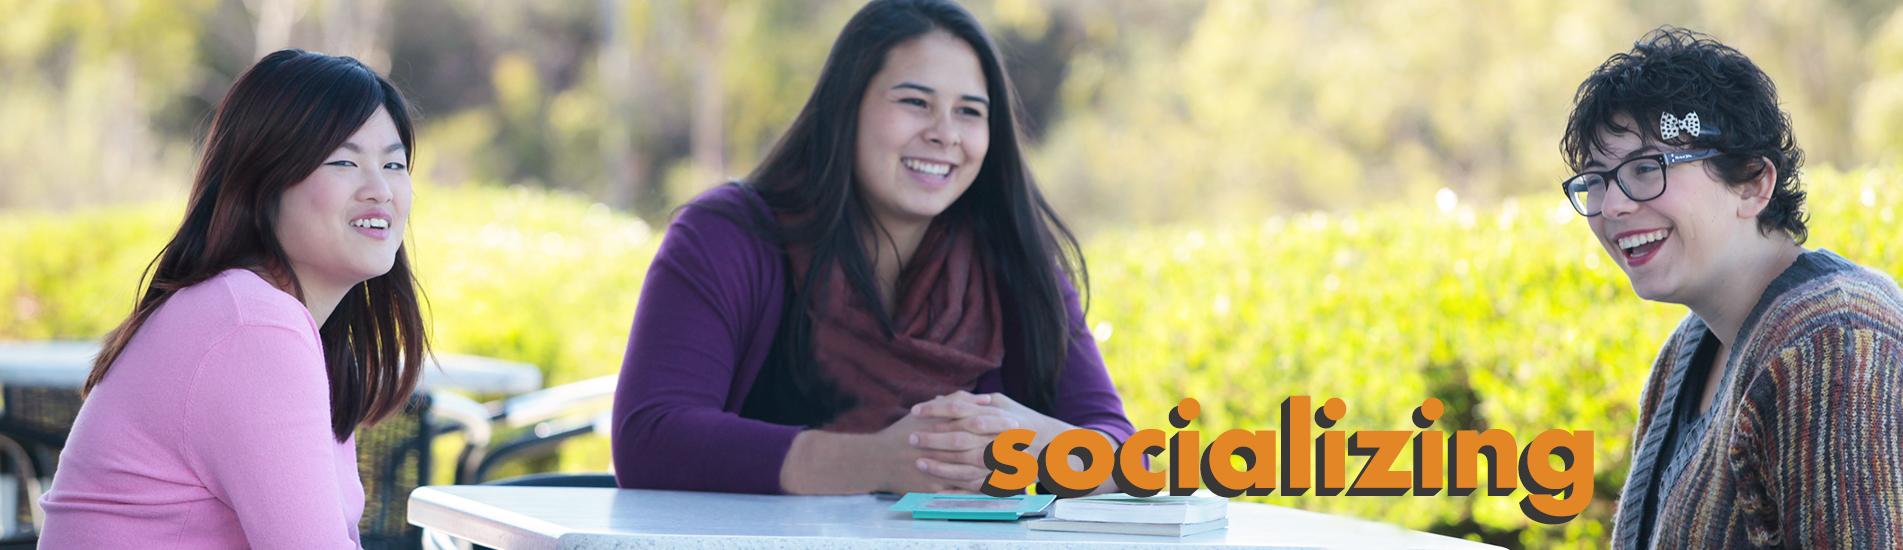 Socializing Slider